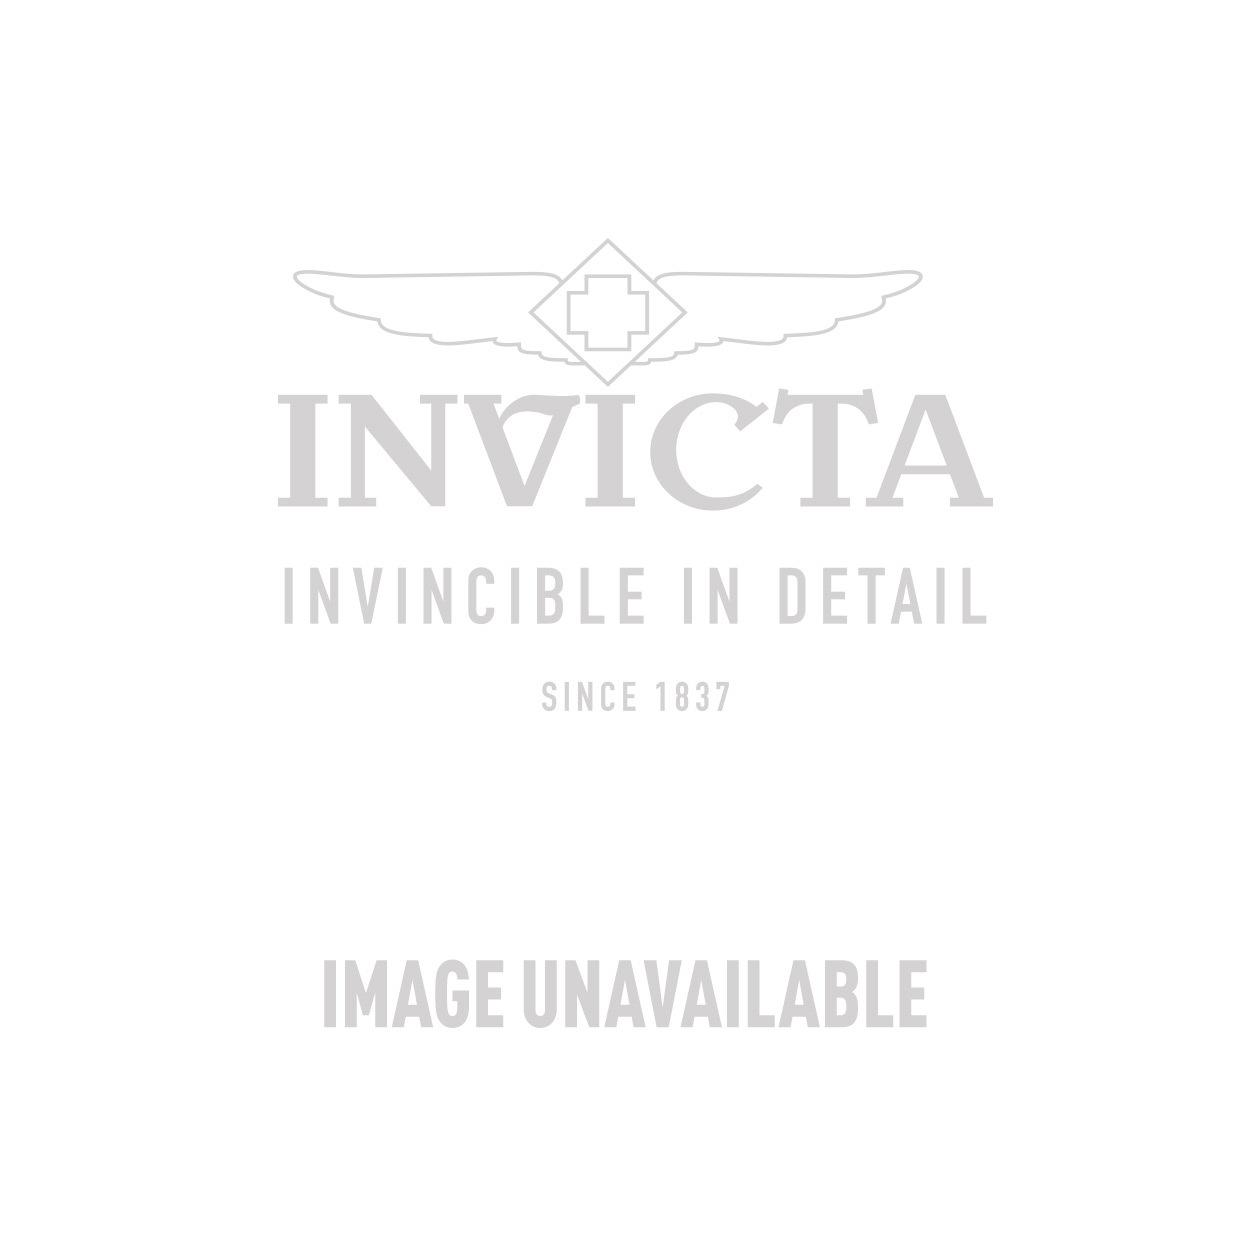 Invicta Model 23960